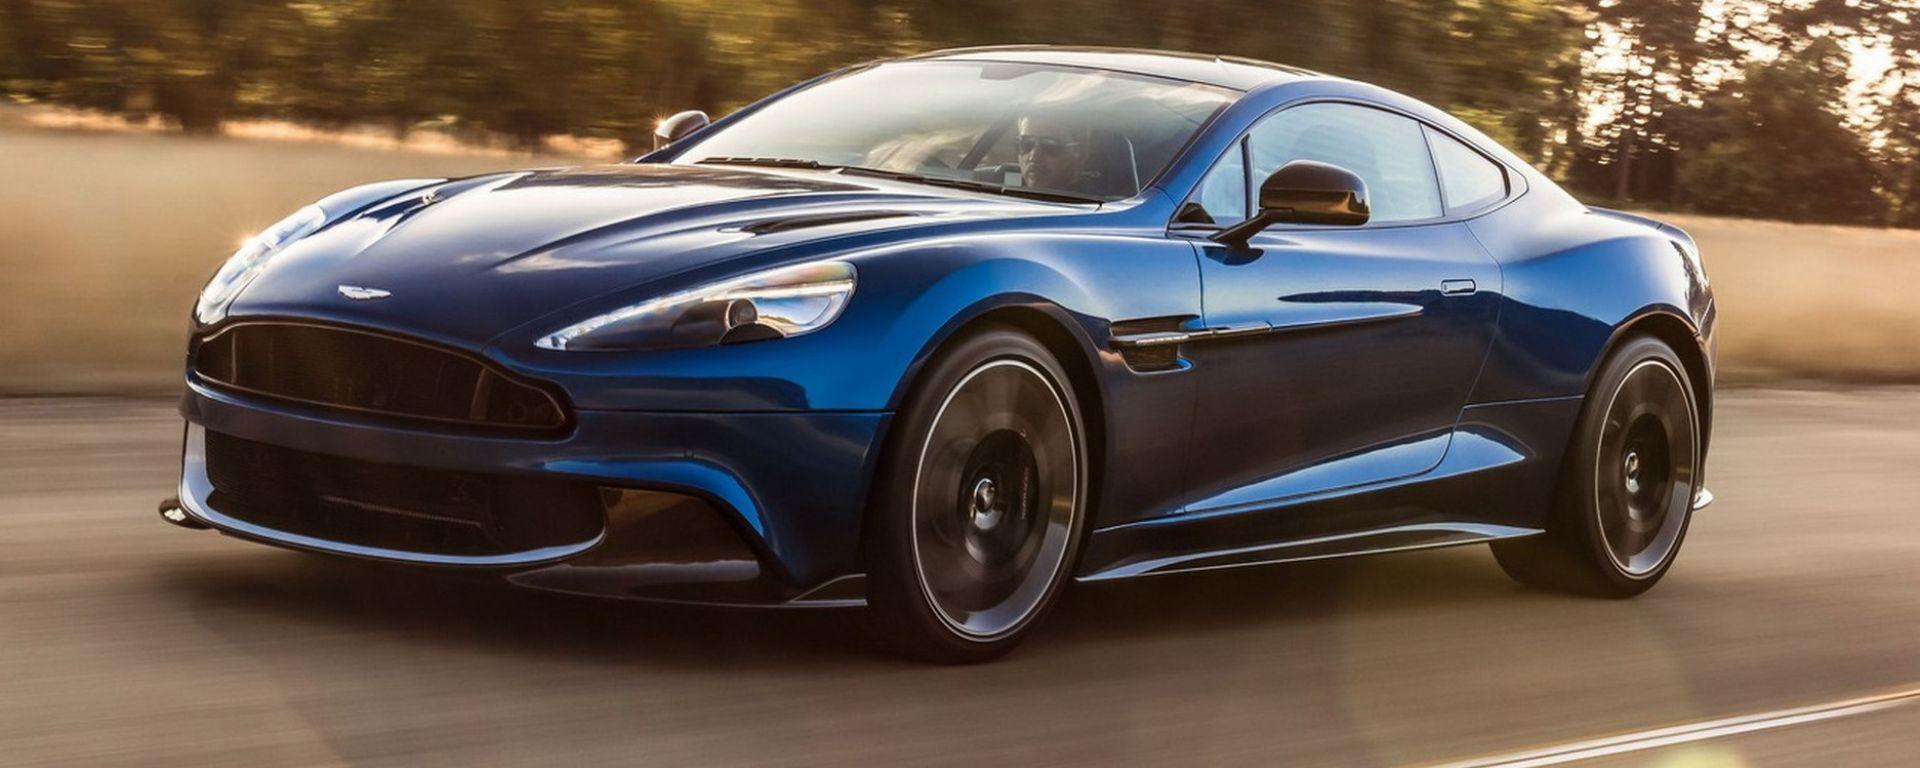 Aston Martin Vanquish S: 600 cv per la nuova Vanquish top